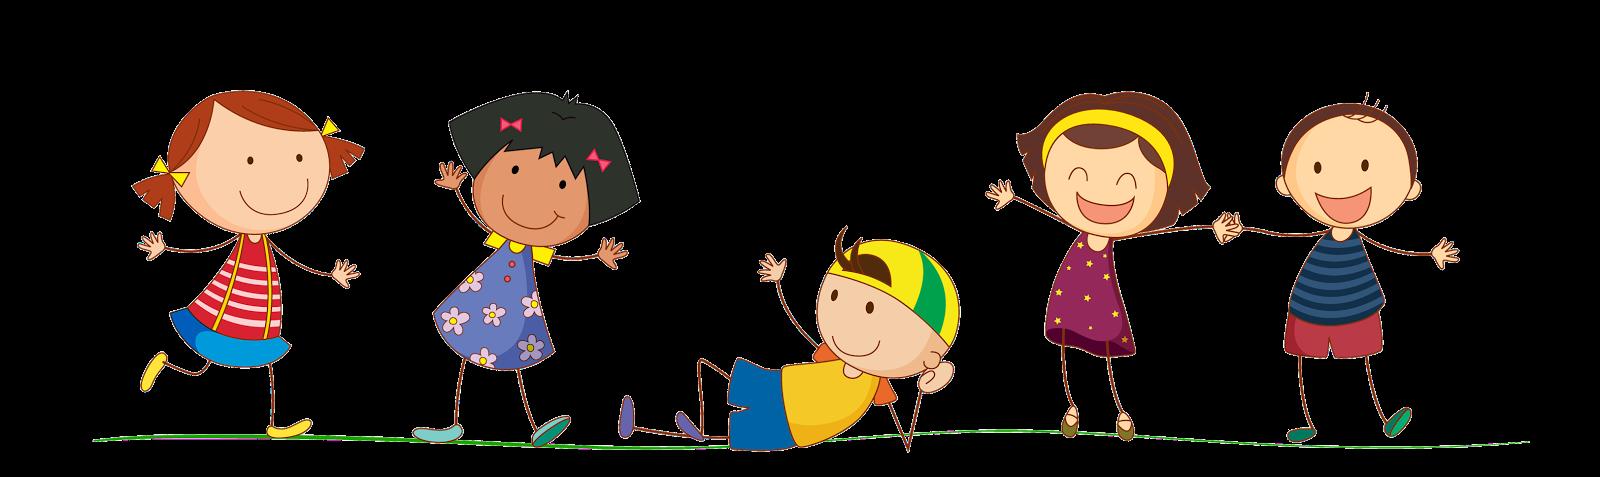 Usmiechniete dzieci w przedszkolu clipart royalty free download Ogłoszenia royalty free download